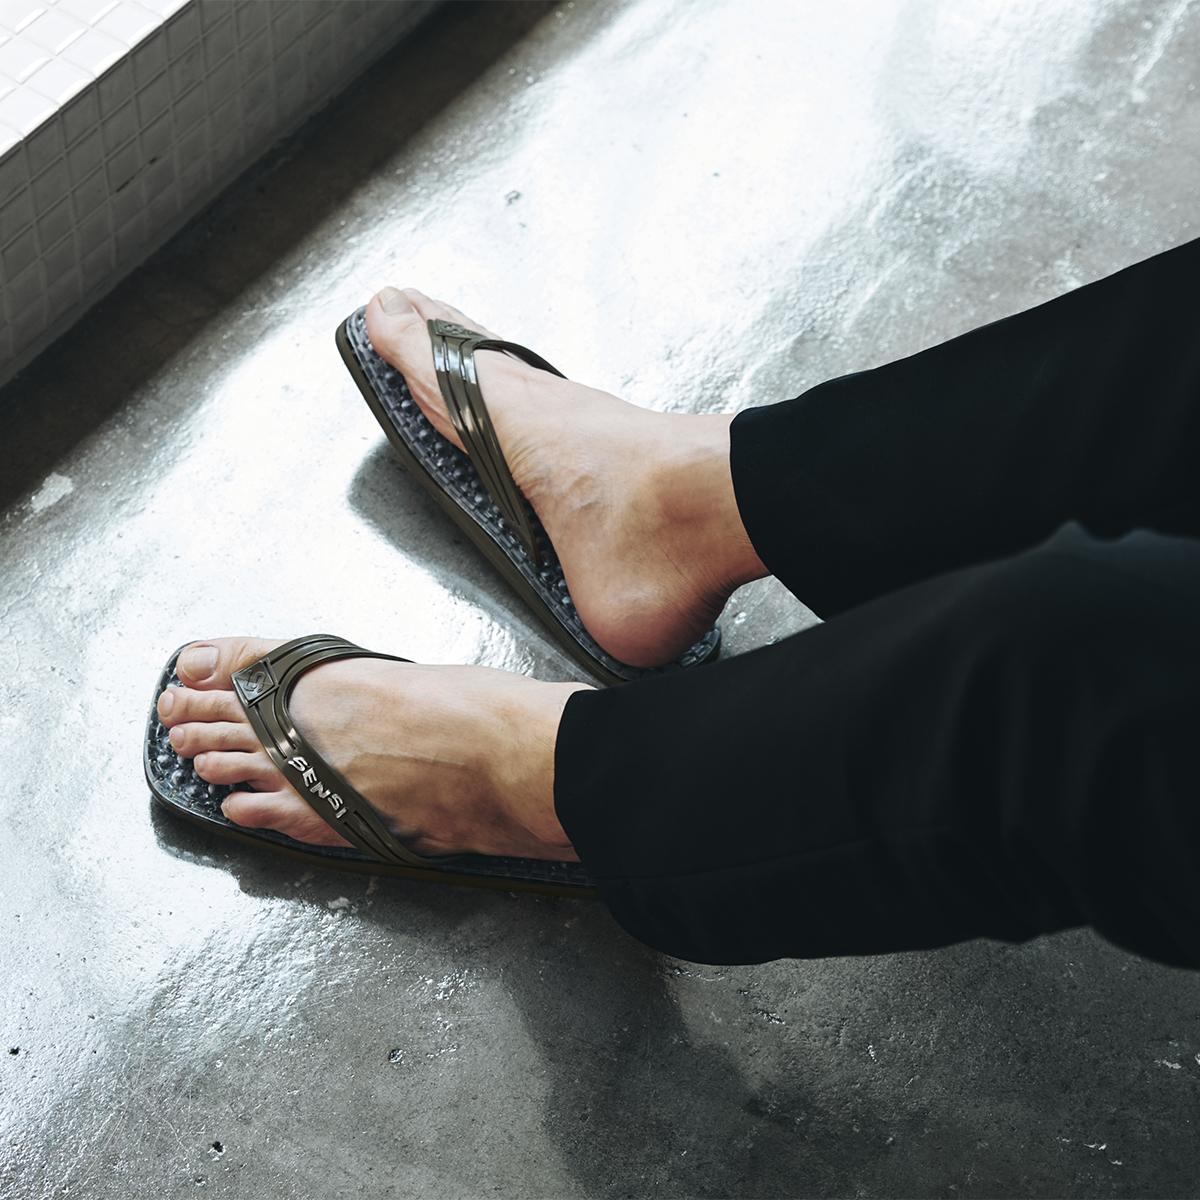 家の中でも外でも旅行先でも履ける洗練されたデザイン。半球状の突起が、心地よく足裏マッサージしてくれる「健康サンダル」|SENSI